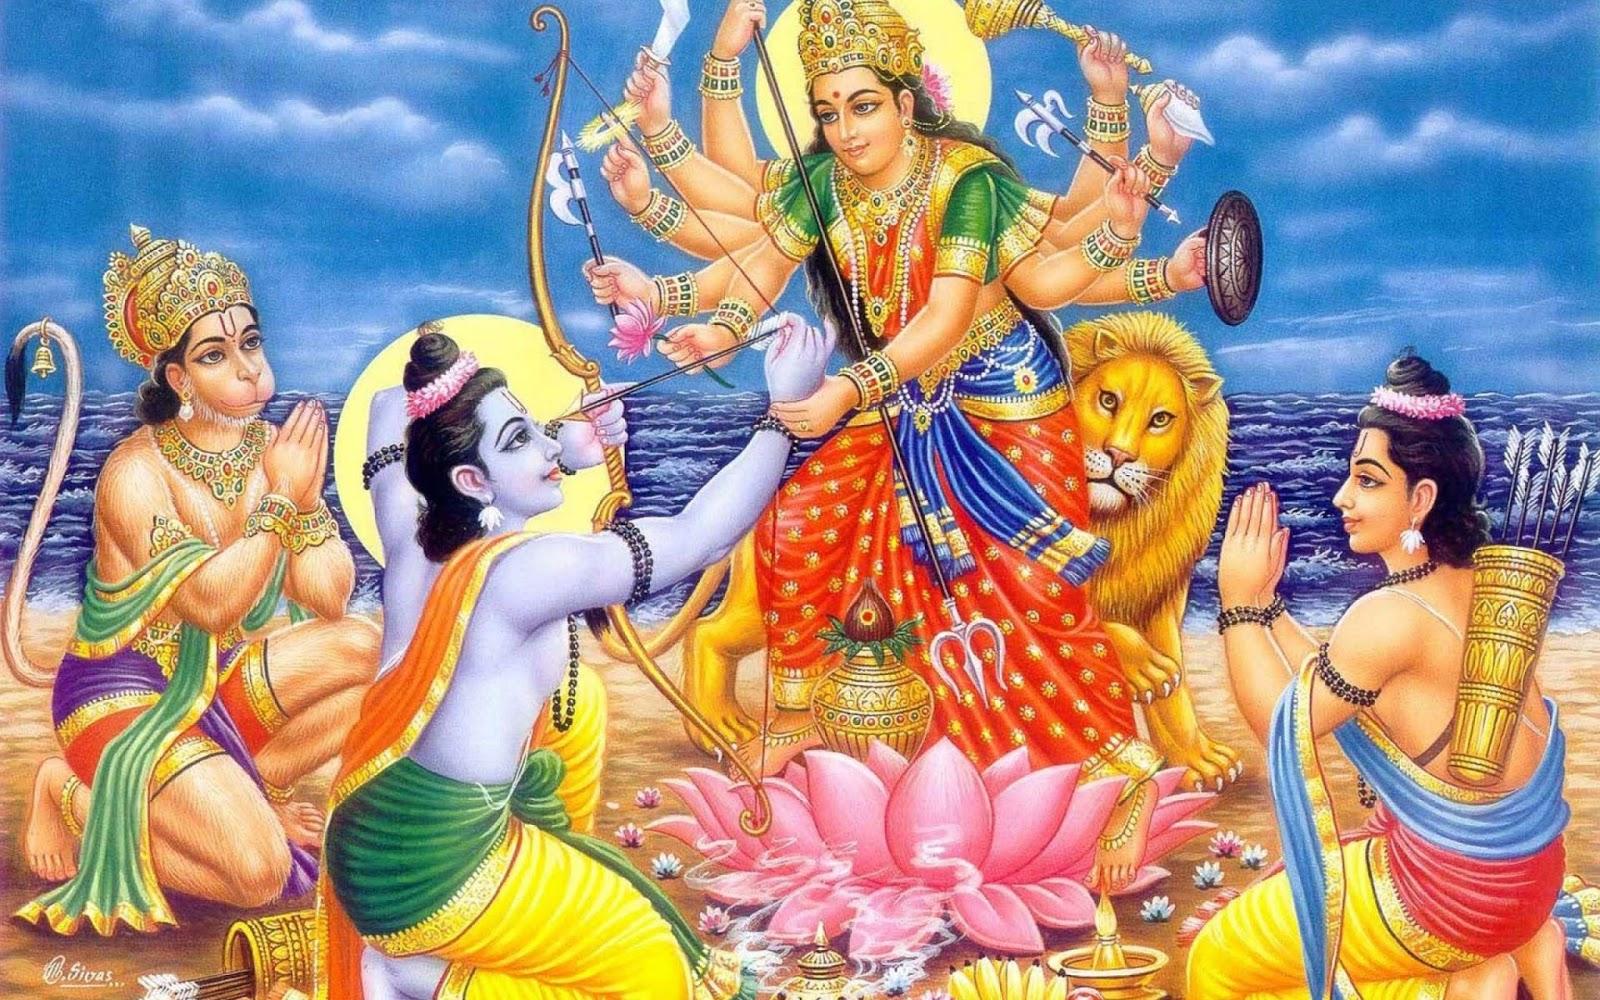 bhagwan shri ram lakshmi puja wallpaper